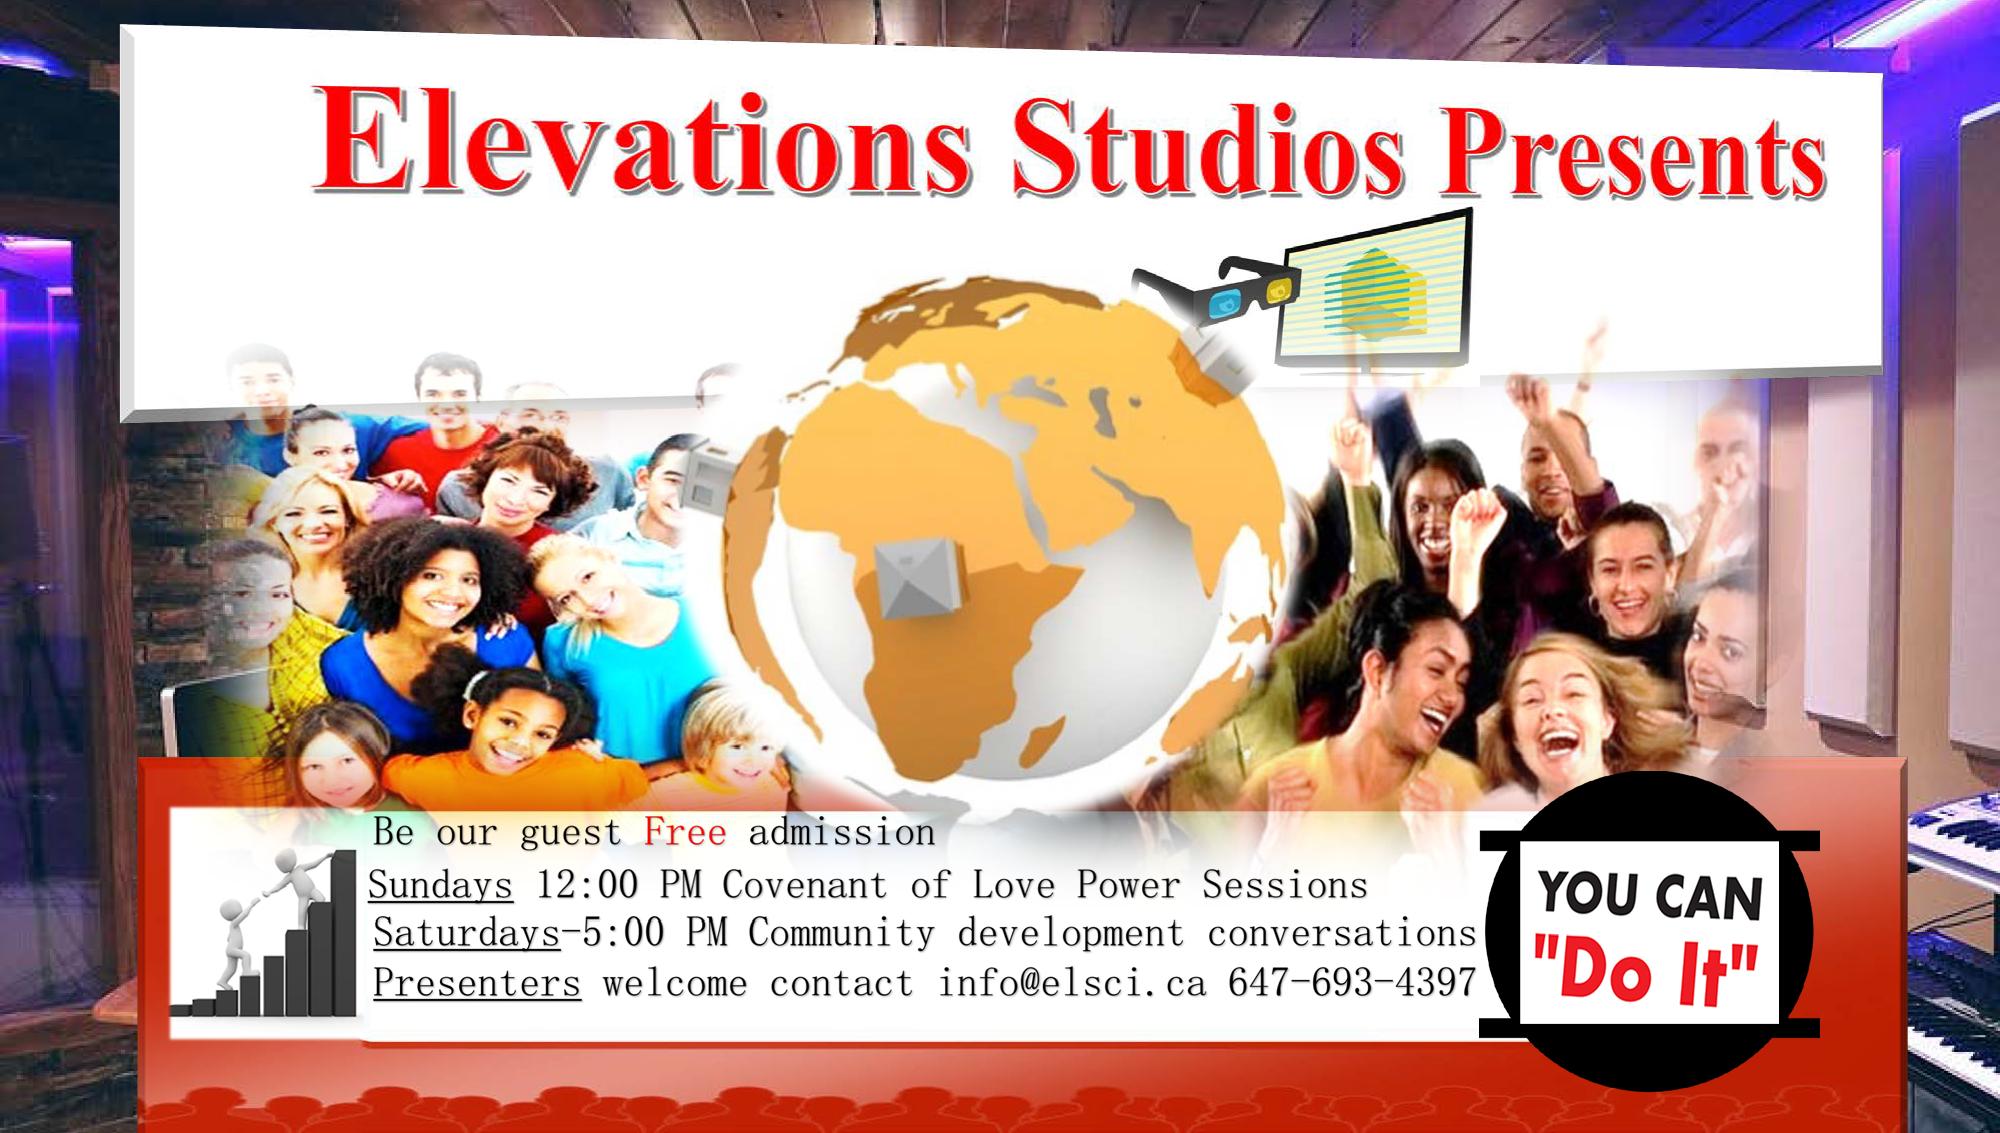 Elevations Studios